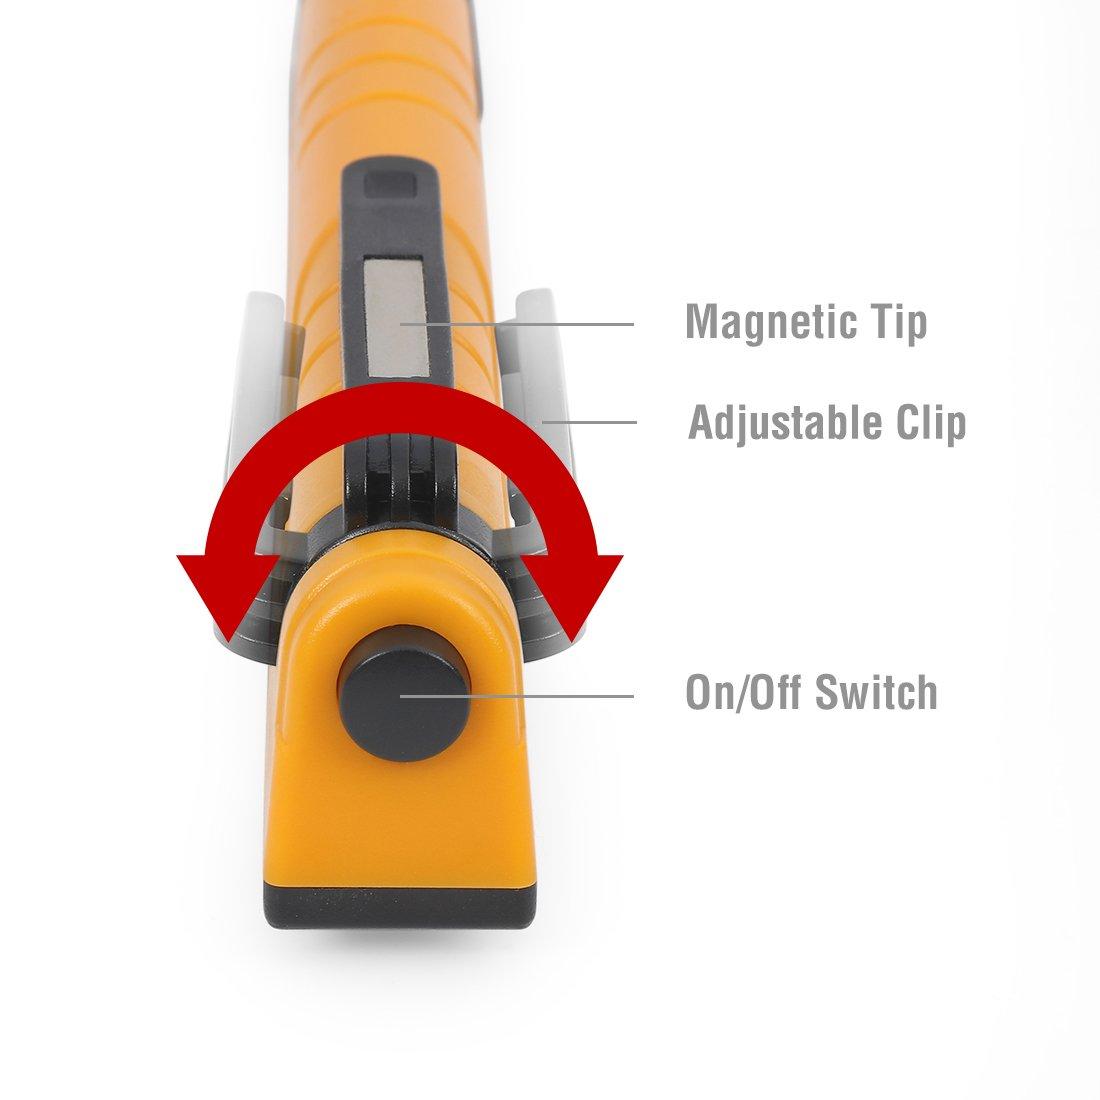 EverBrite Lámpara de Inspección LED Linterna 130 Lúmenes Luz de Trabajo con Clip Magnético 2 Piezas: Amazon.es: Bricolaje y herramientas